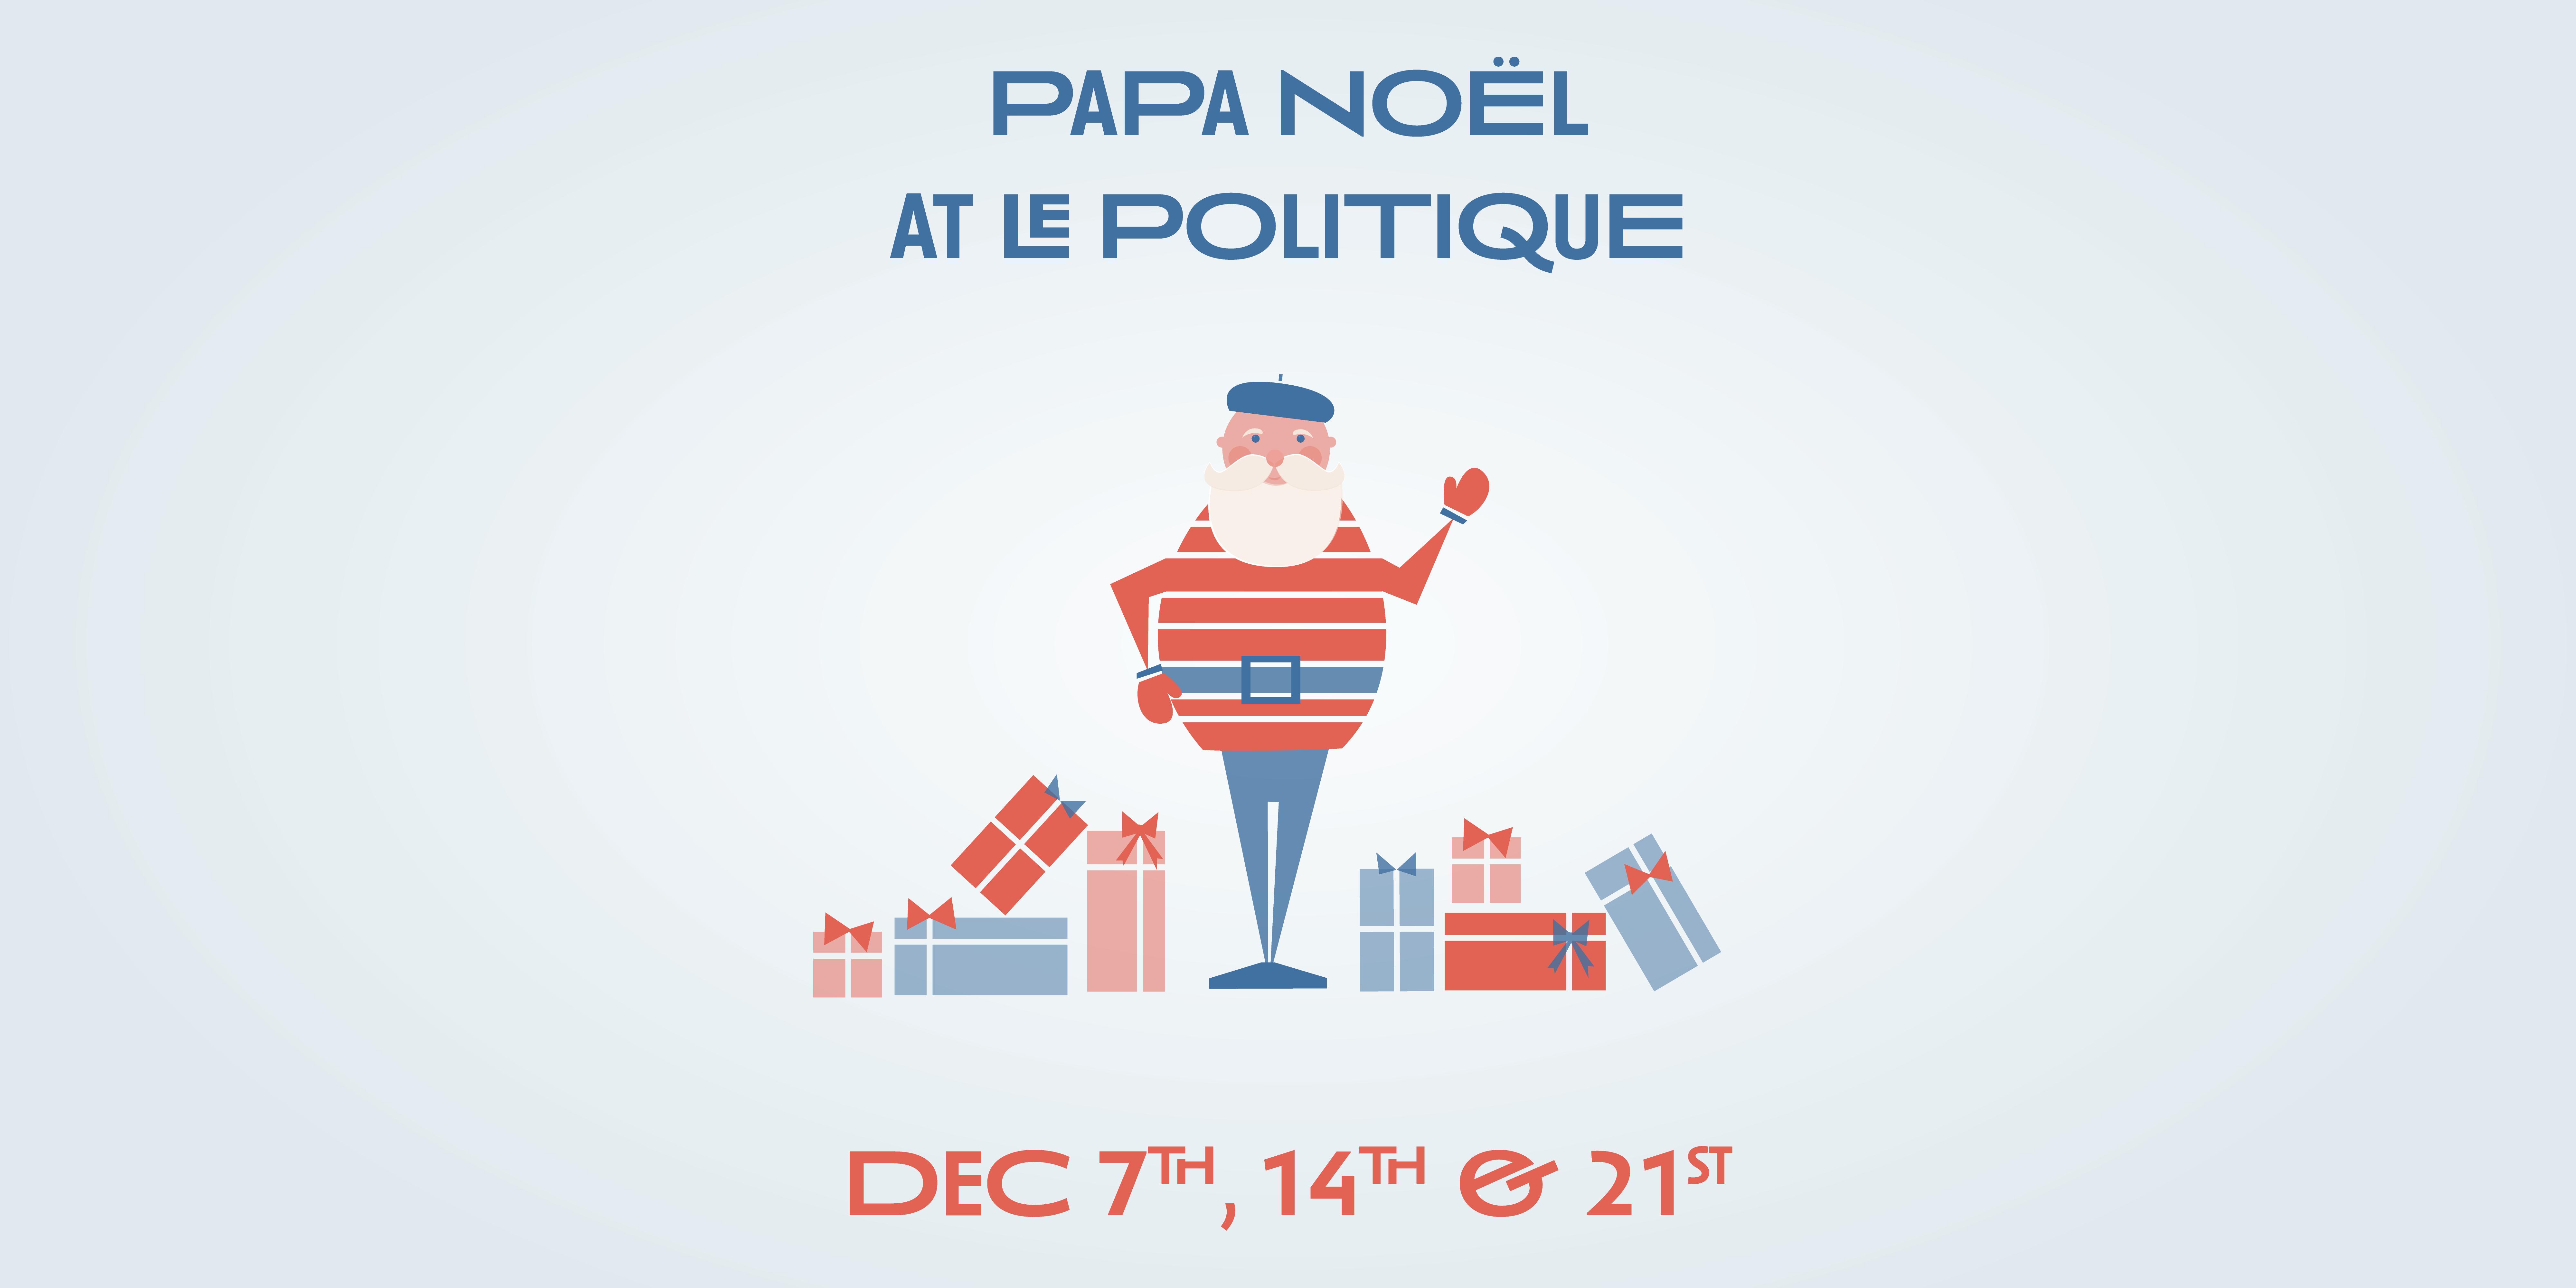 Papa Noël at Le Politique